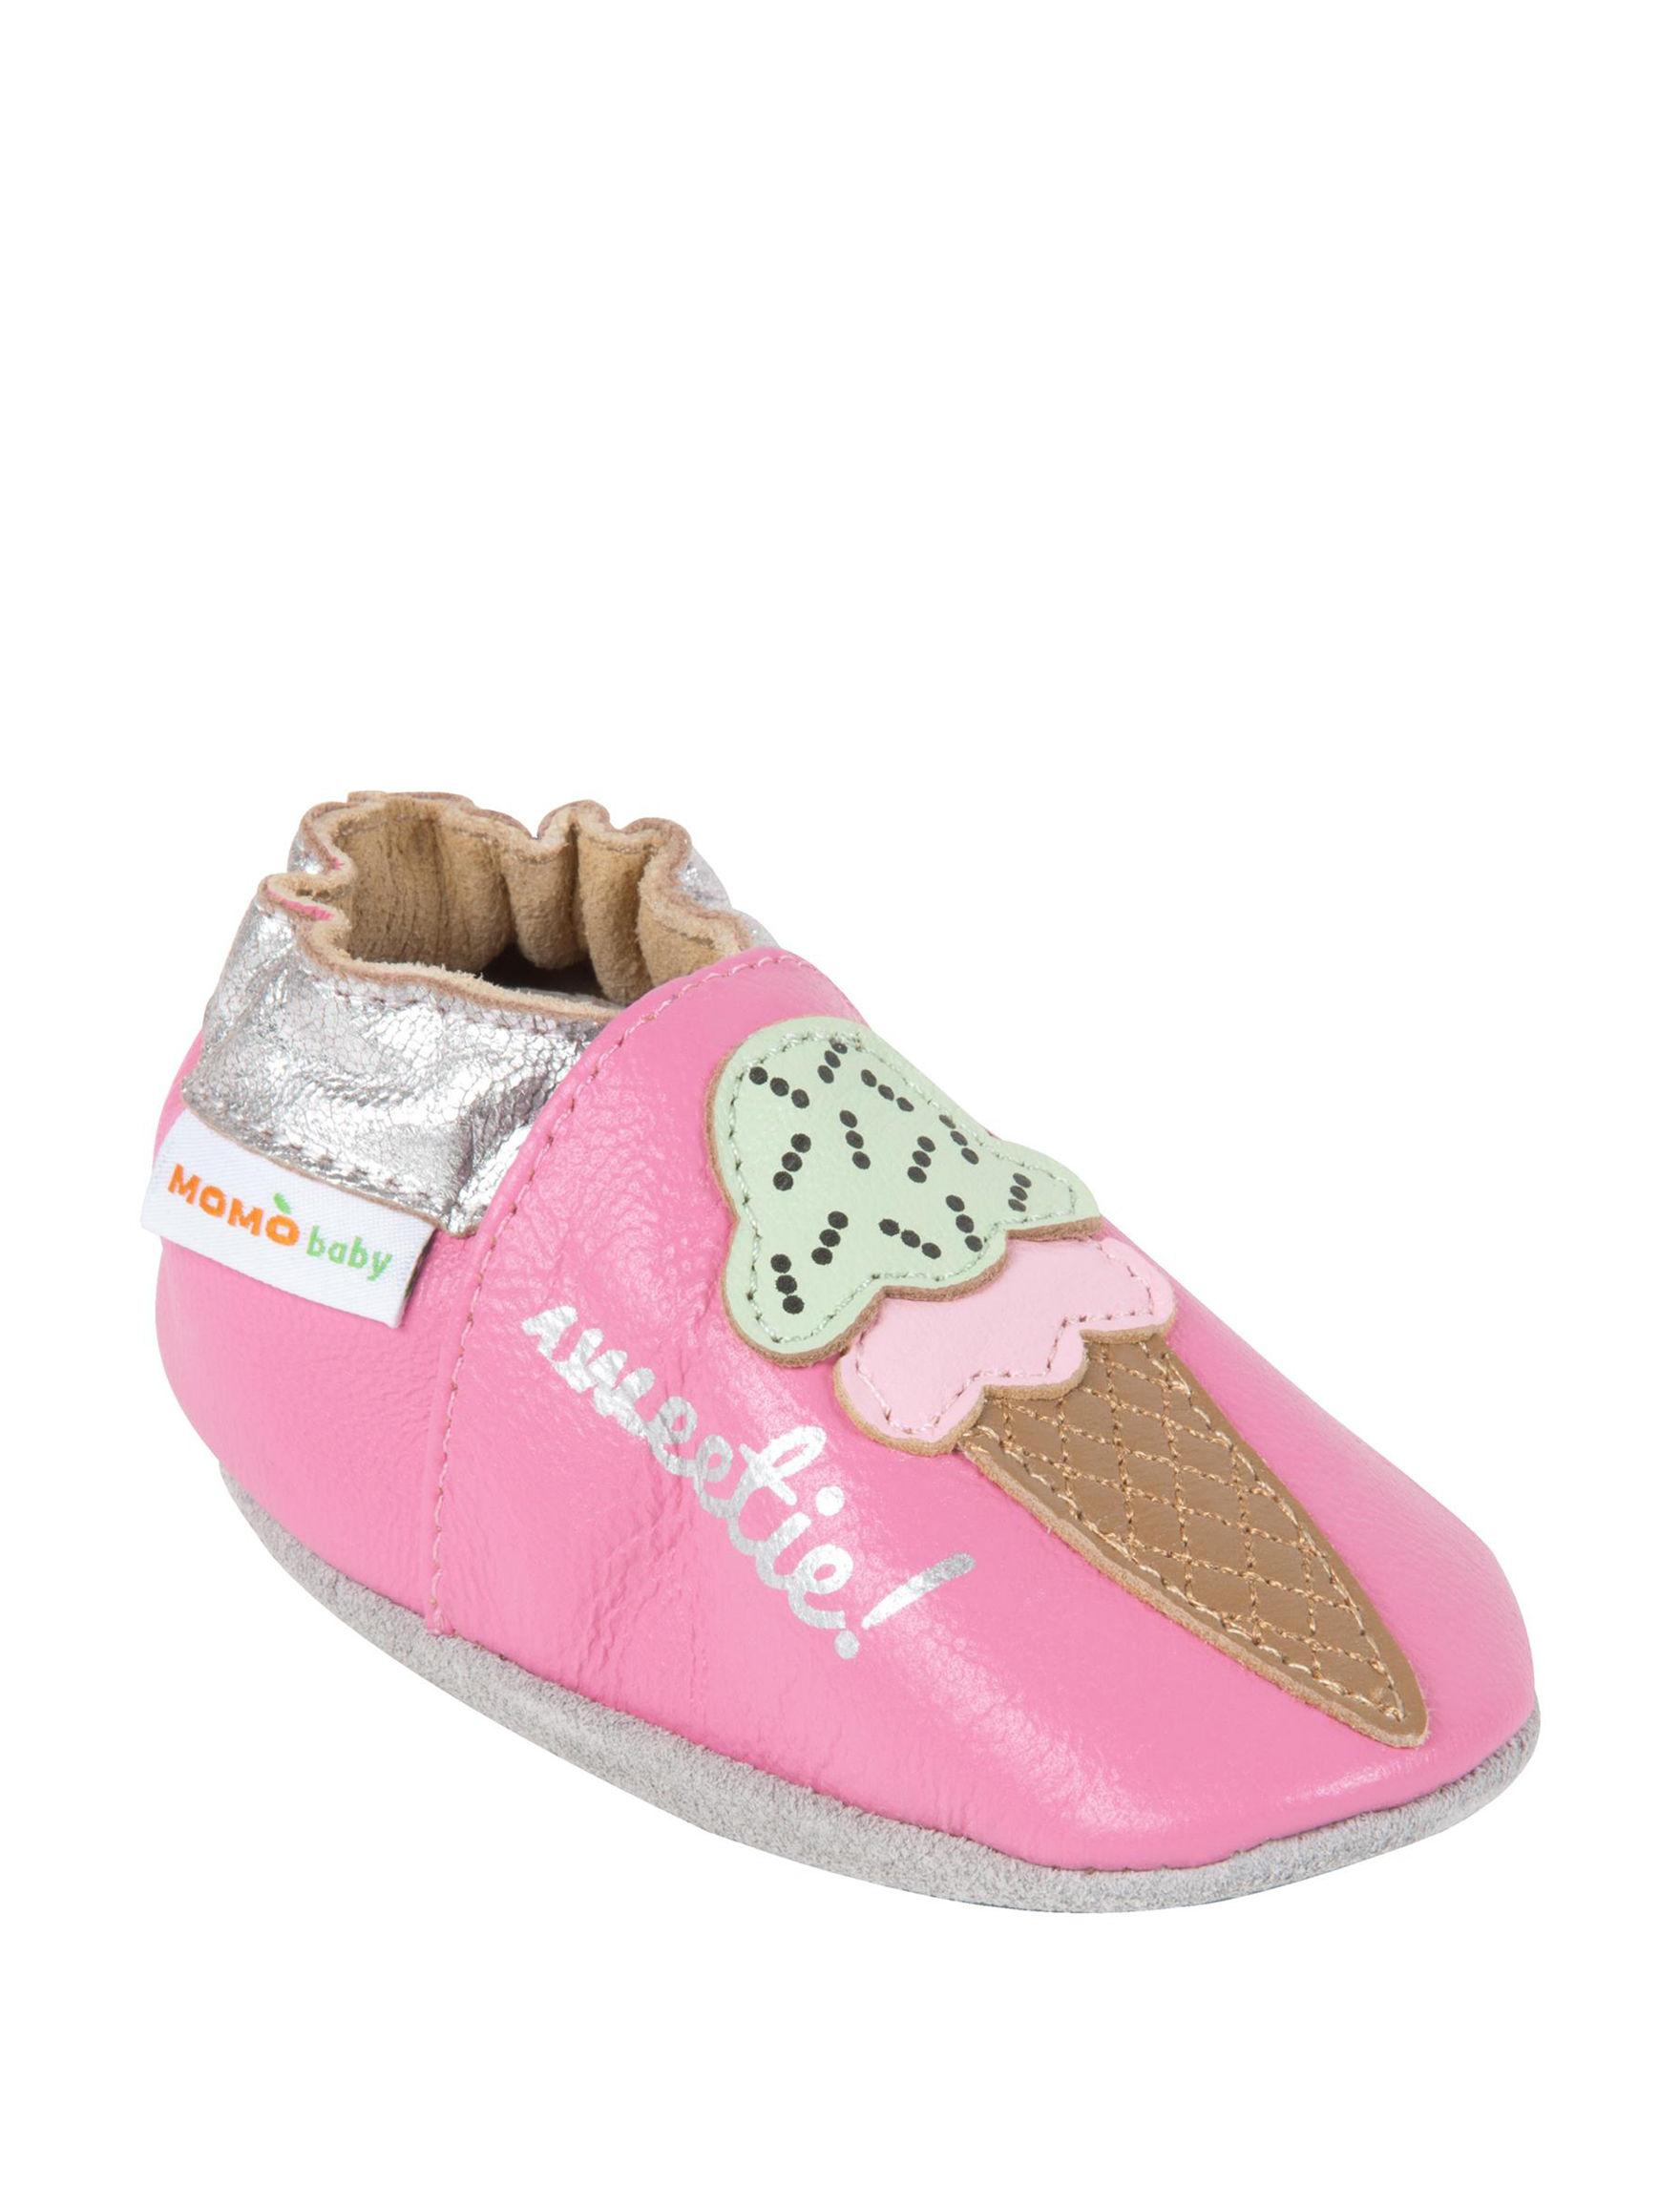 Momo Baby Pink